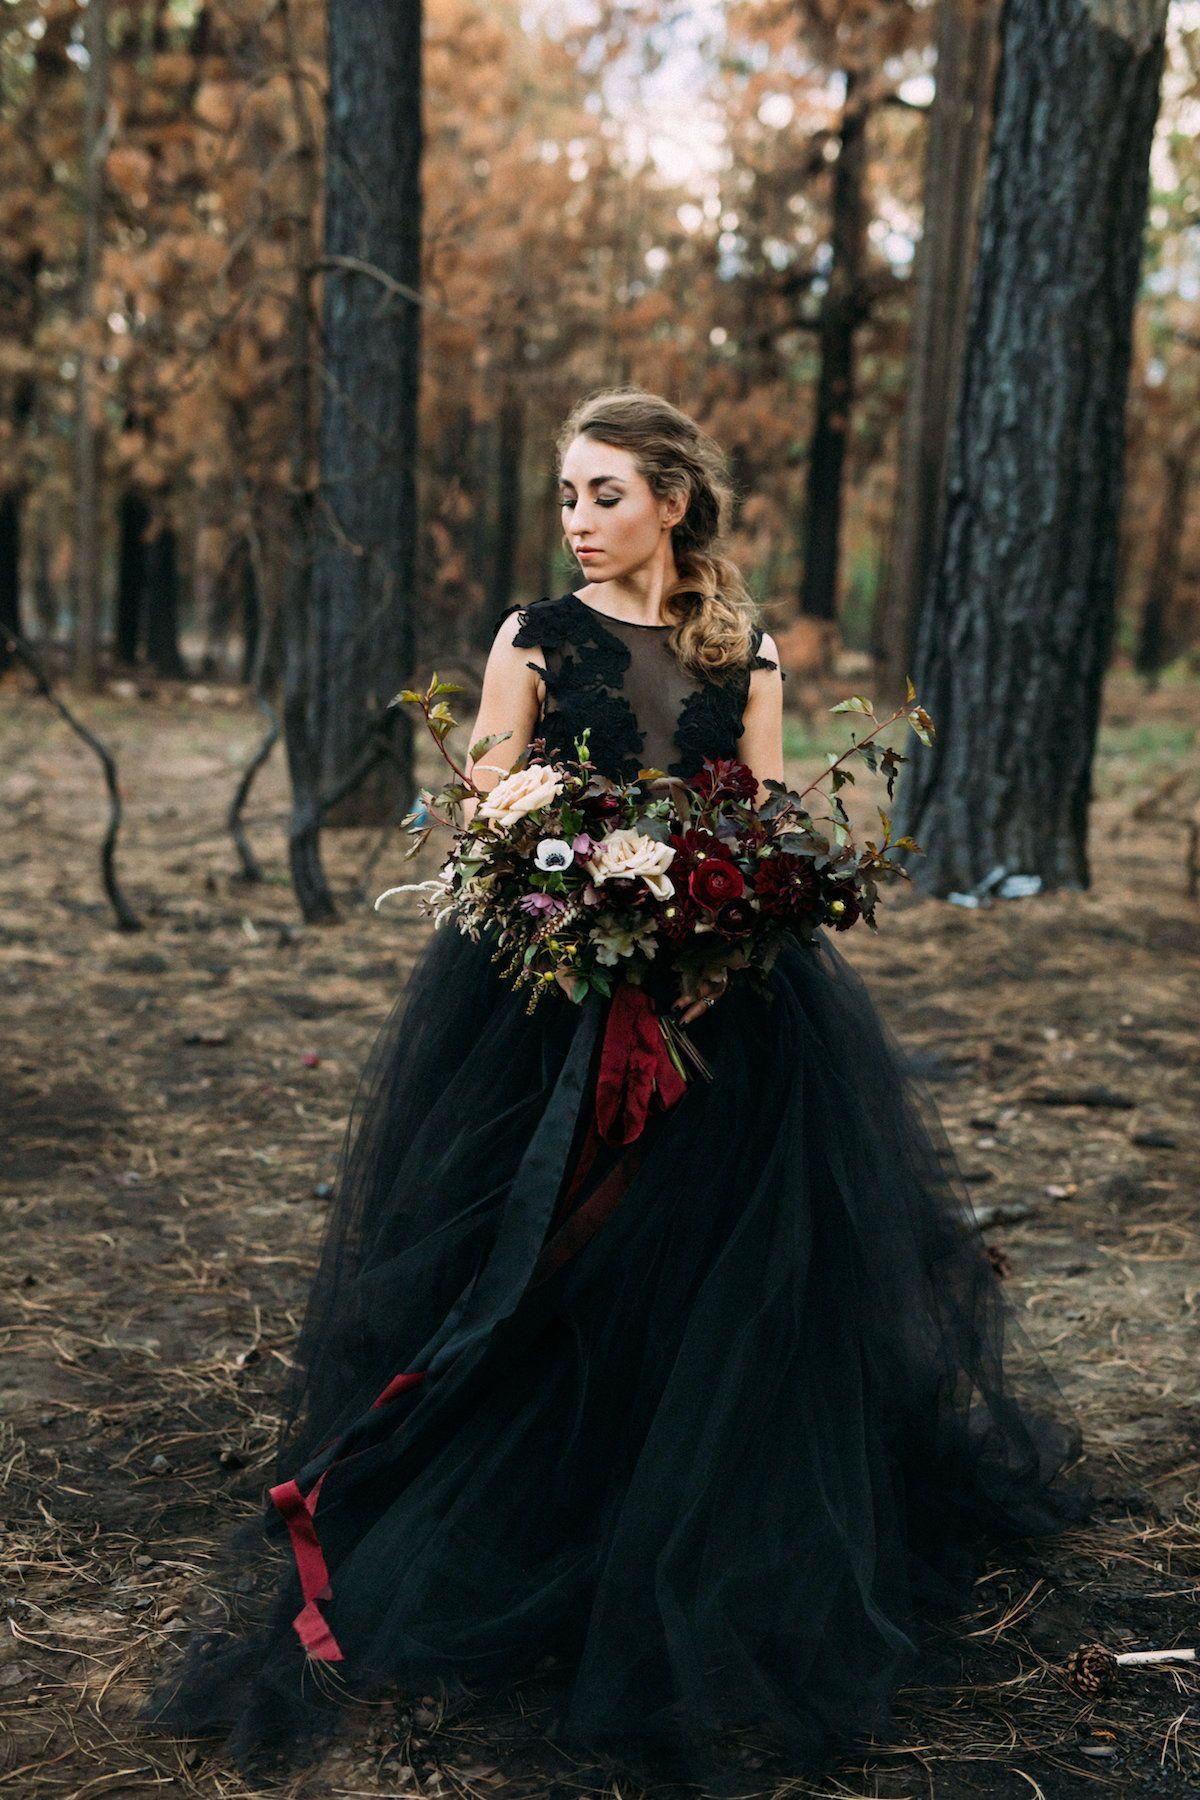 Moody Jewel Toned Halloween Wedding Inspiration Shoot Black